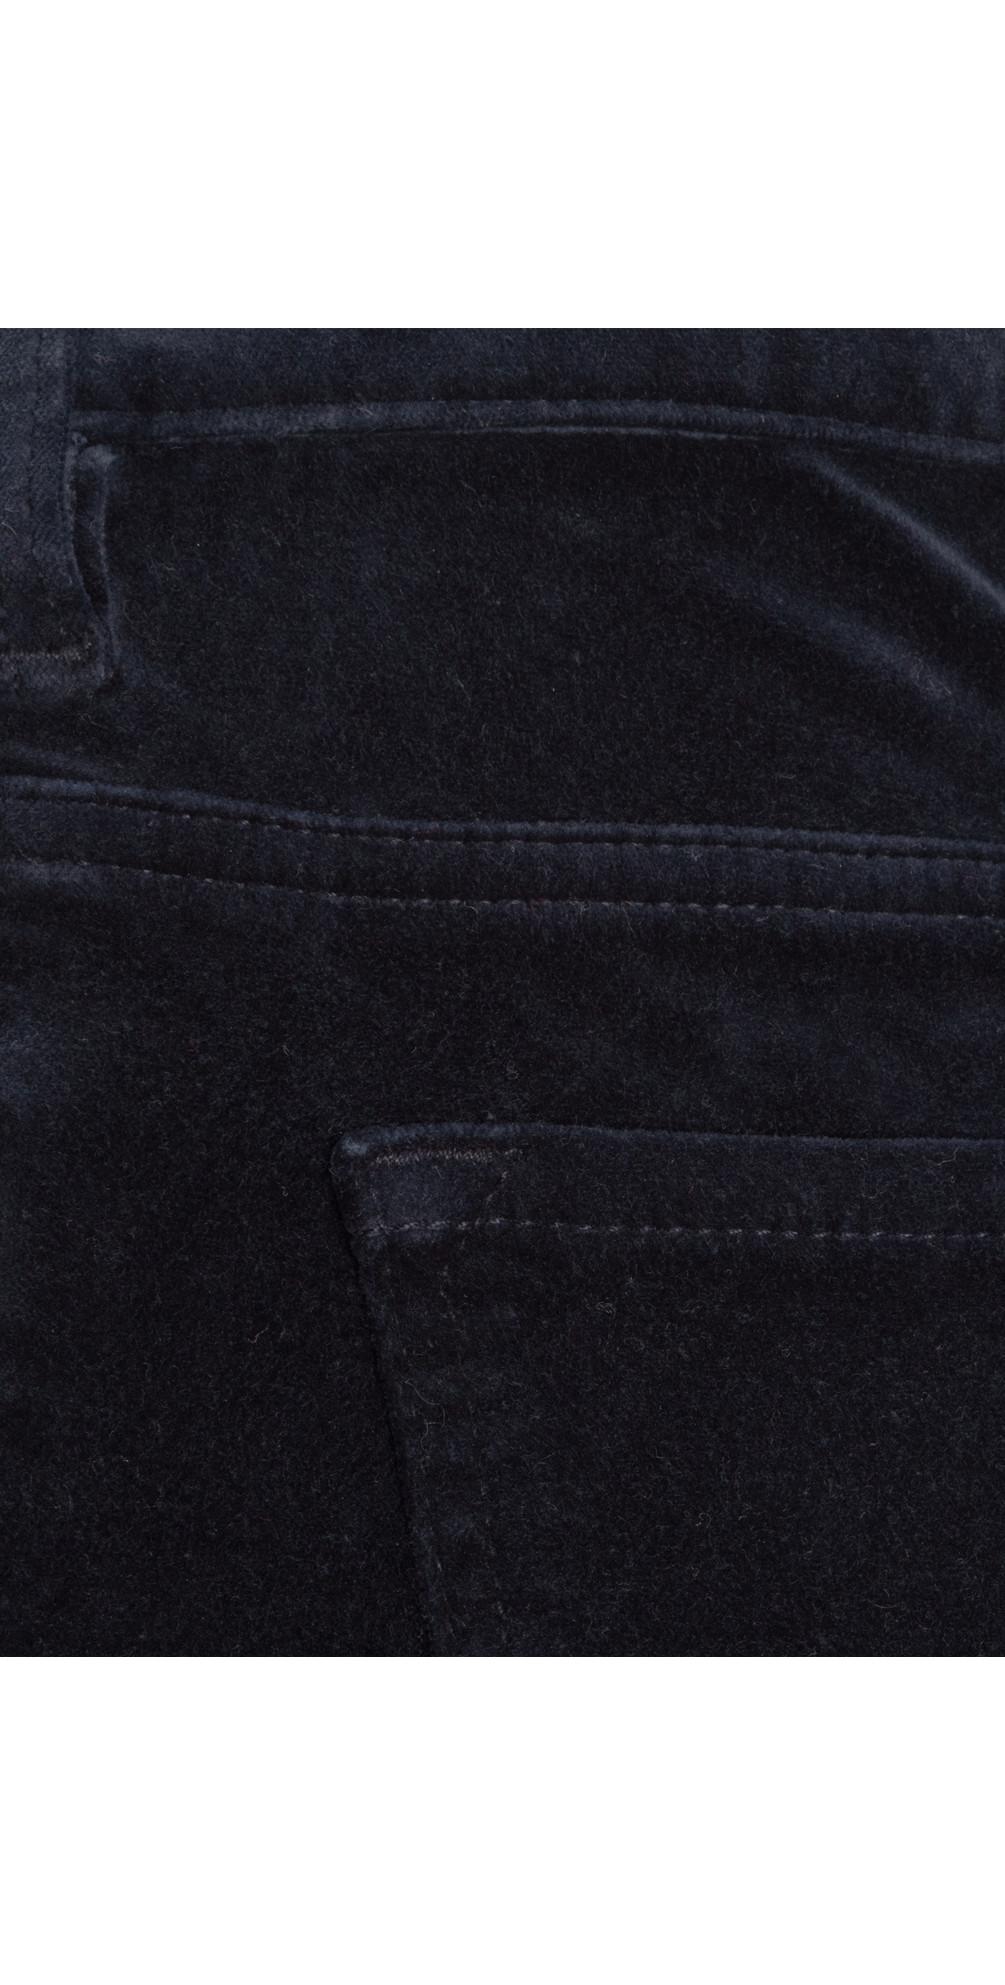 02 Velvet Straight Leg Jean main image